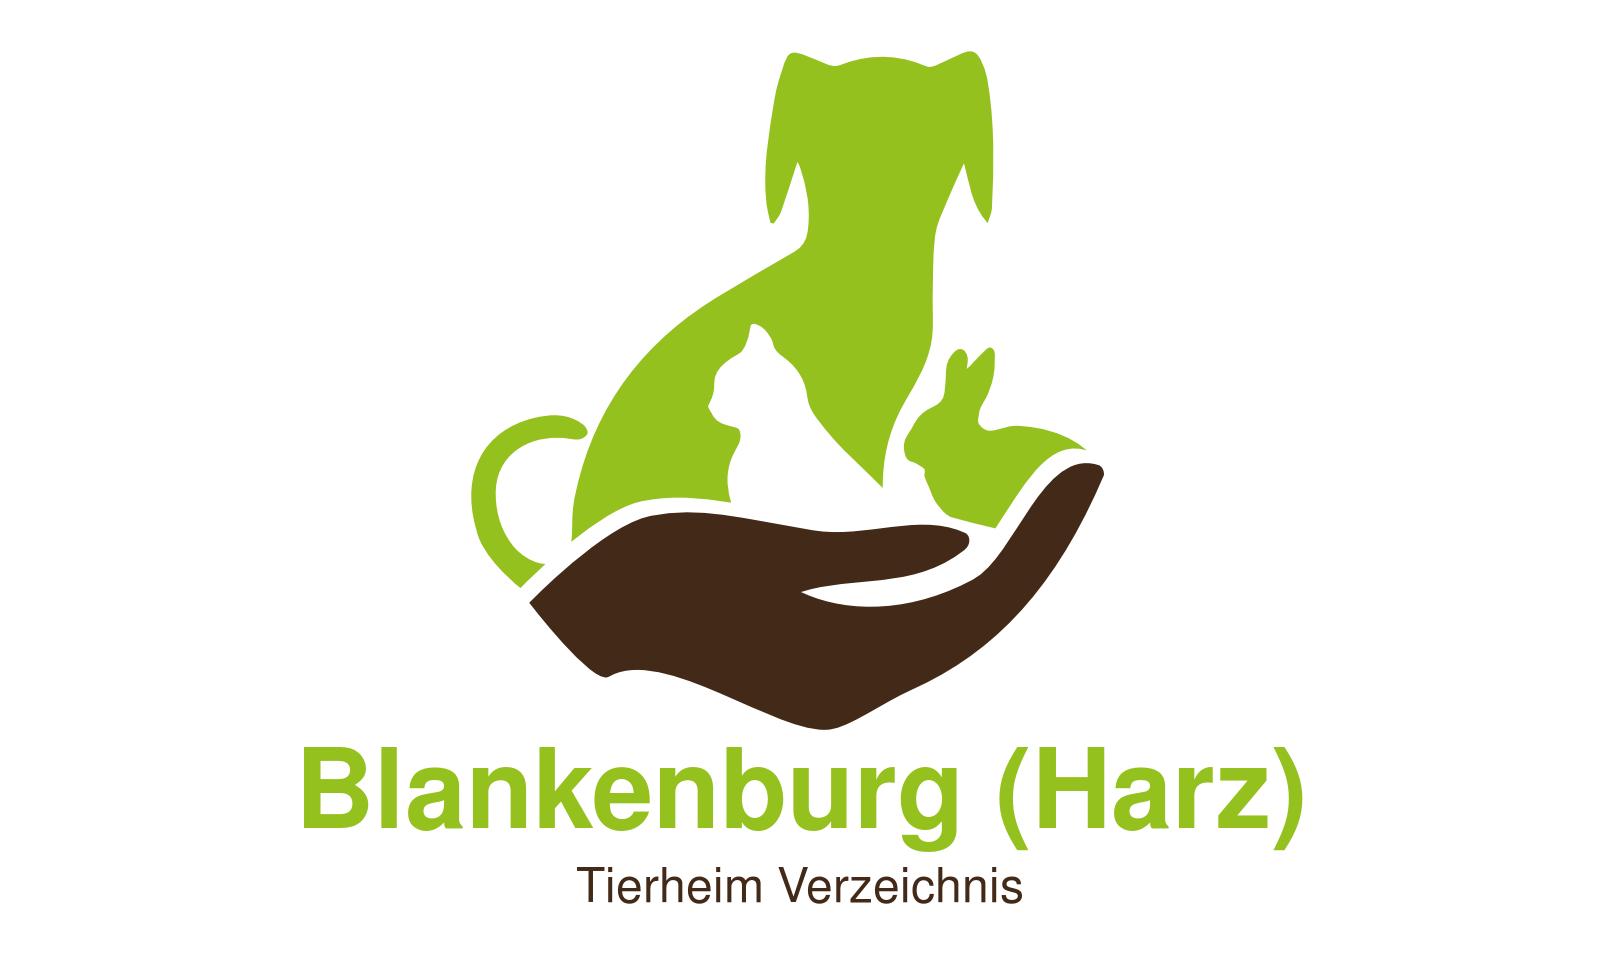 Tierheim Blankenburg (Harz)